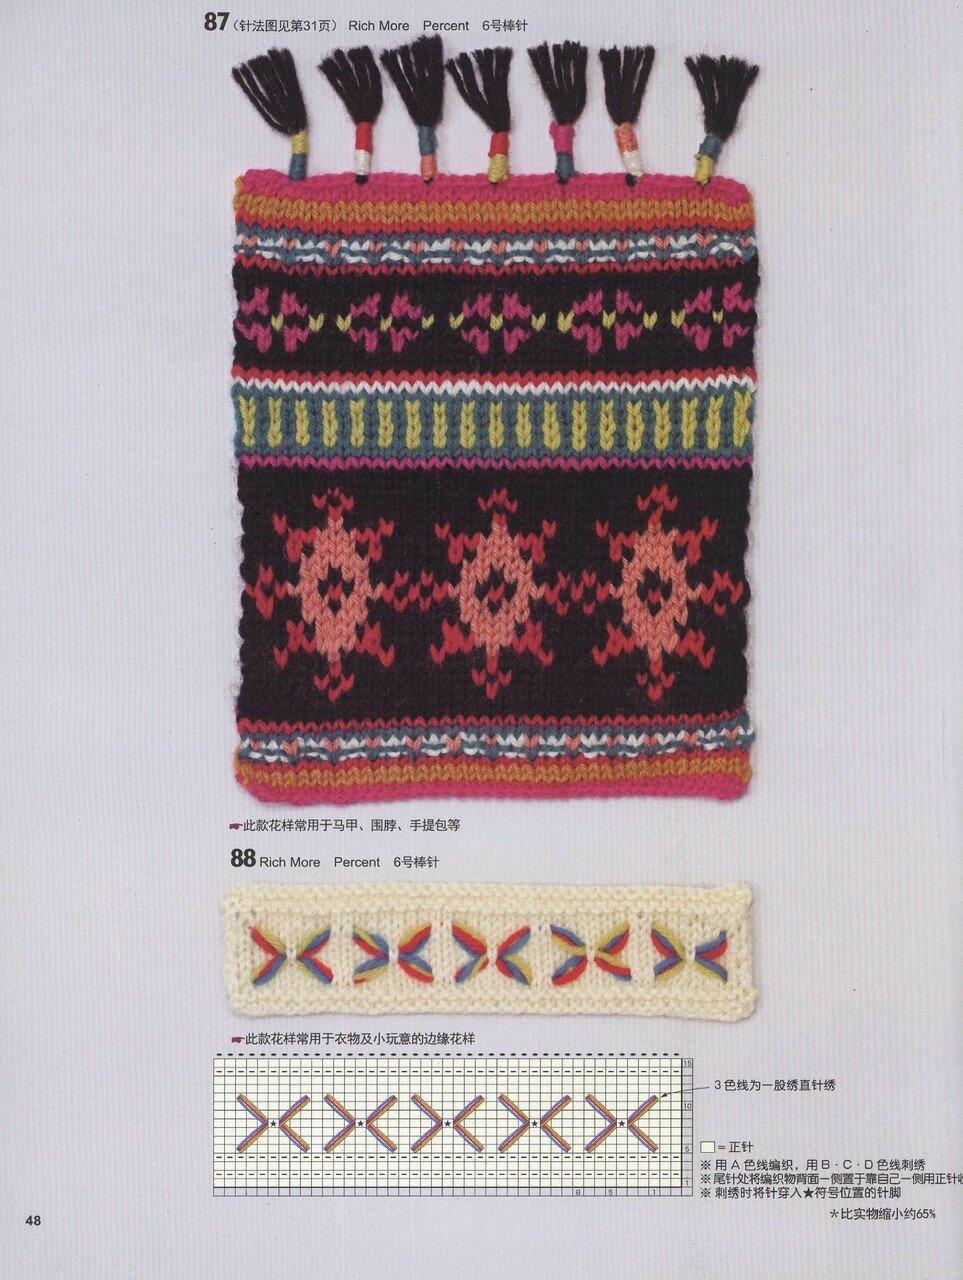 150 Knitting_50.jpg